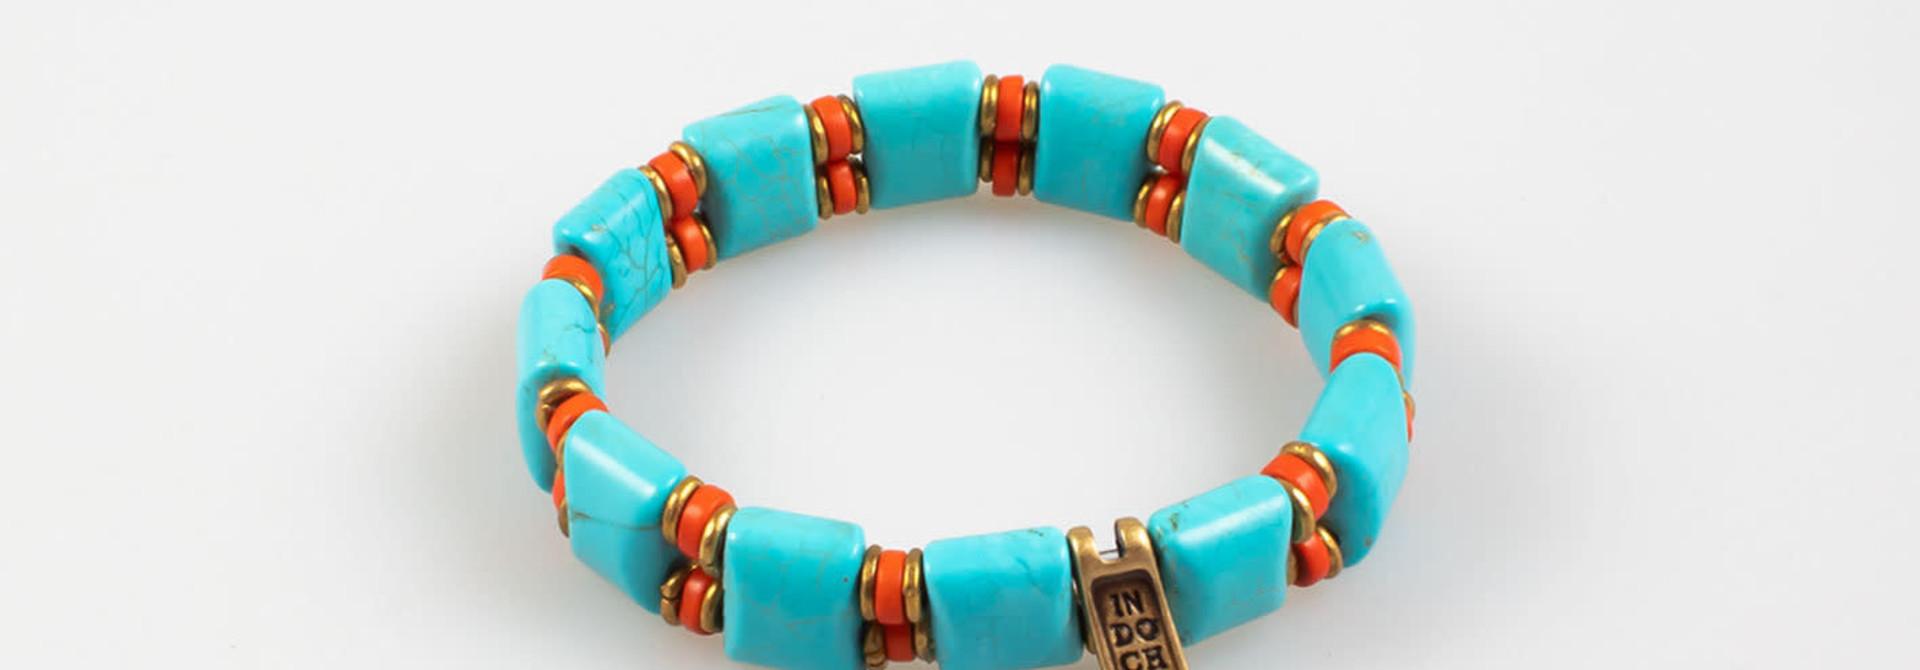 ida bracelet turquoise